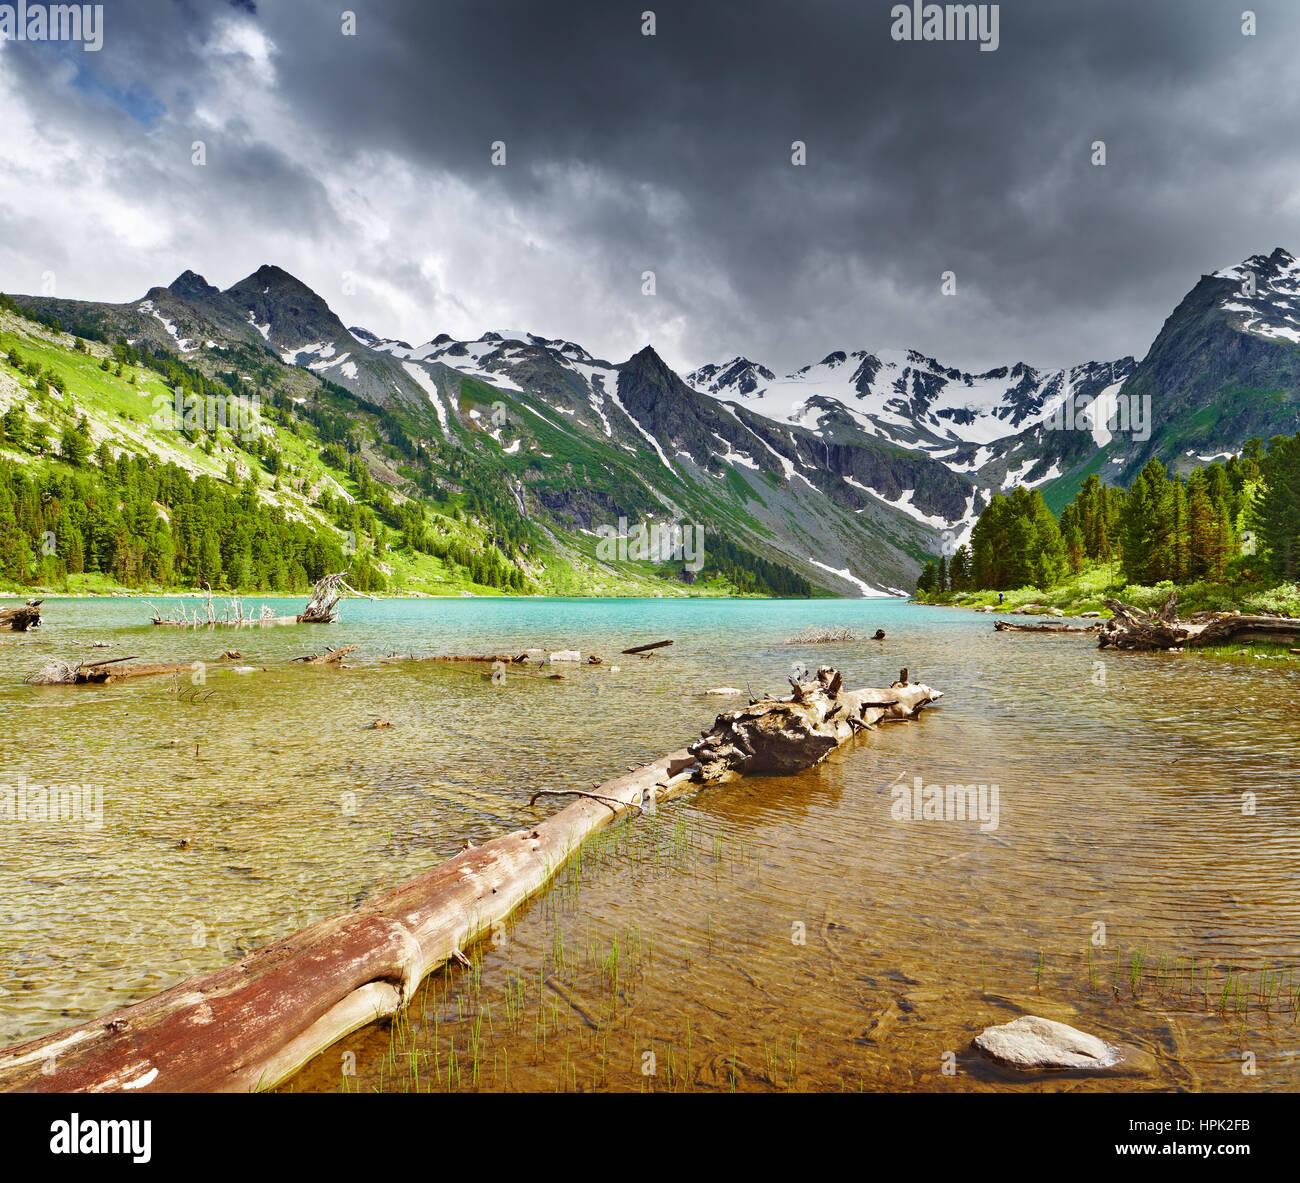 Lac de montagne, montagnes de l'Altaï, en Russie Photo Stock